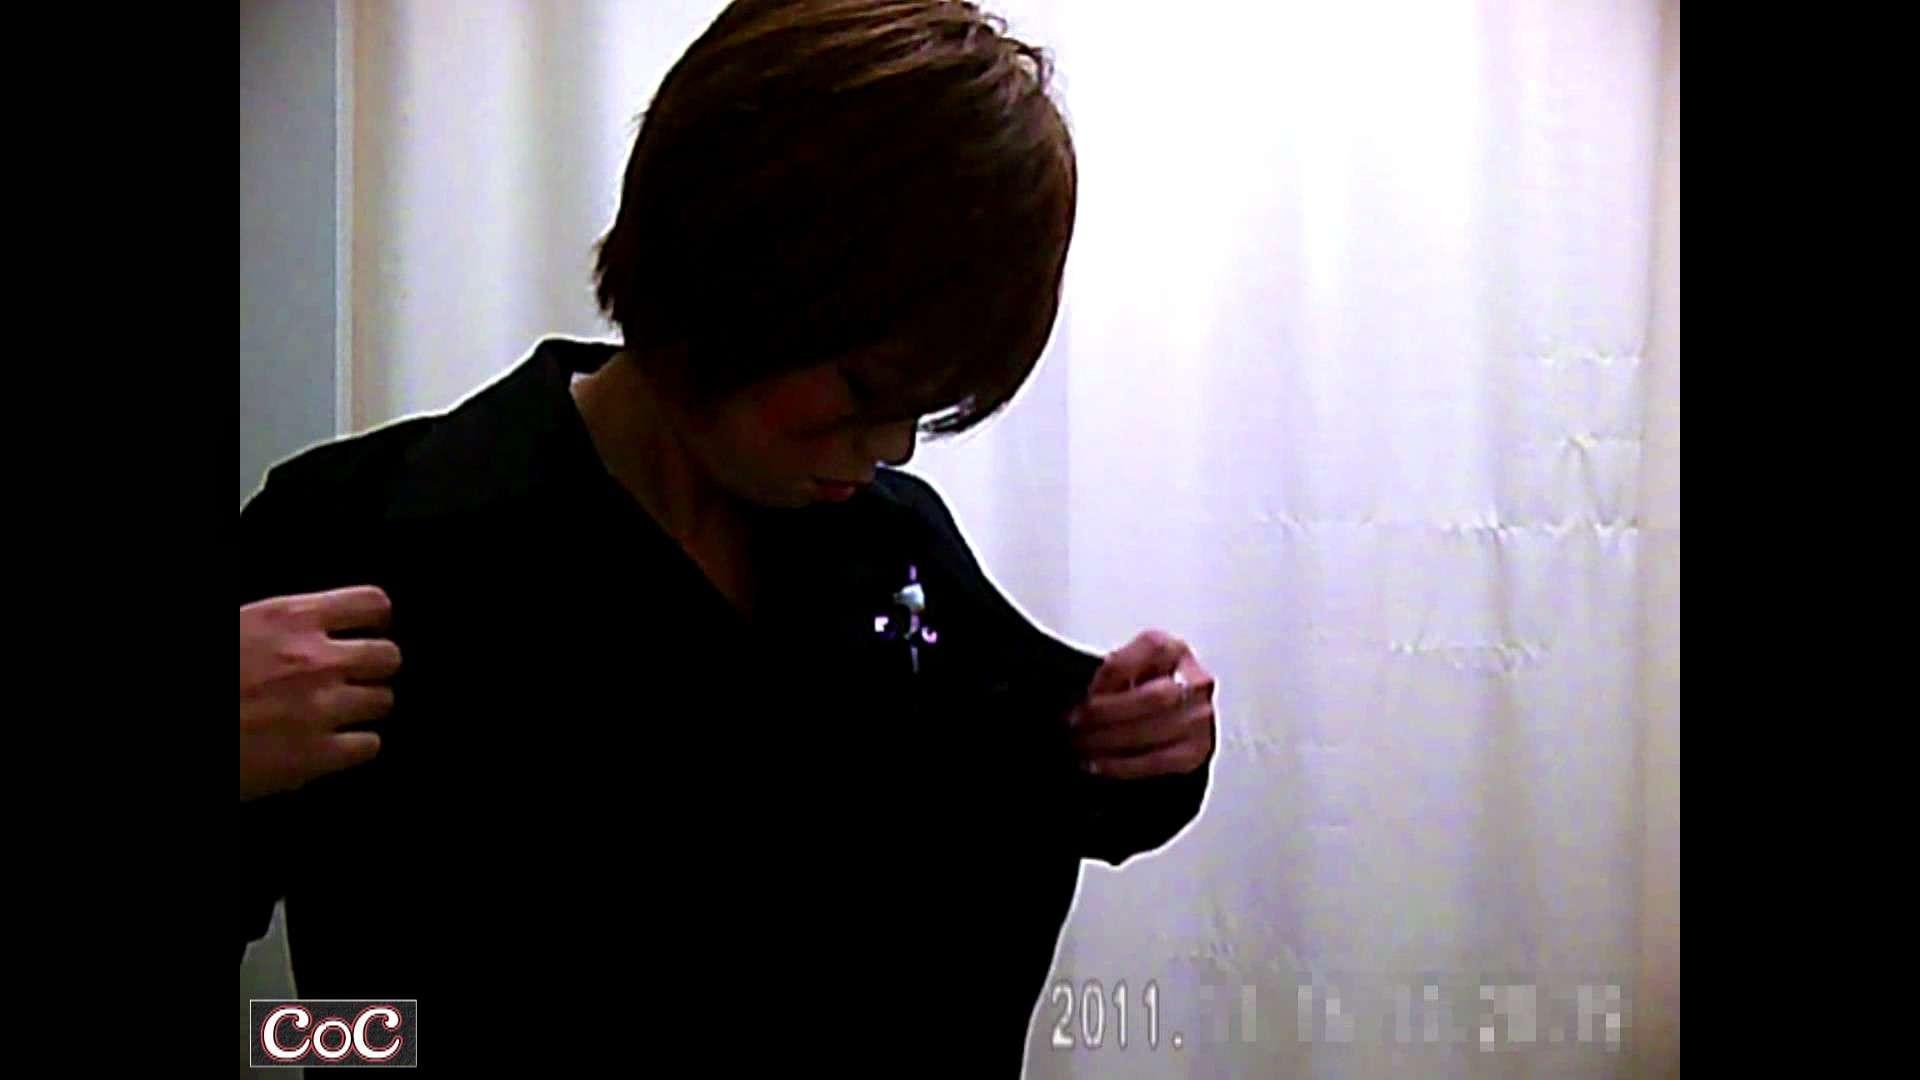 元医者による反抗 更衣室地獄絵巻 vol.203 OL  97pic 44